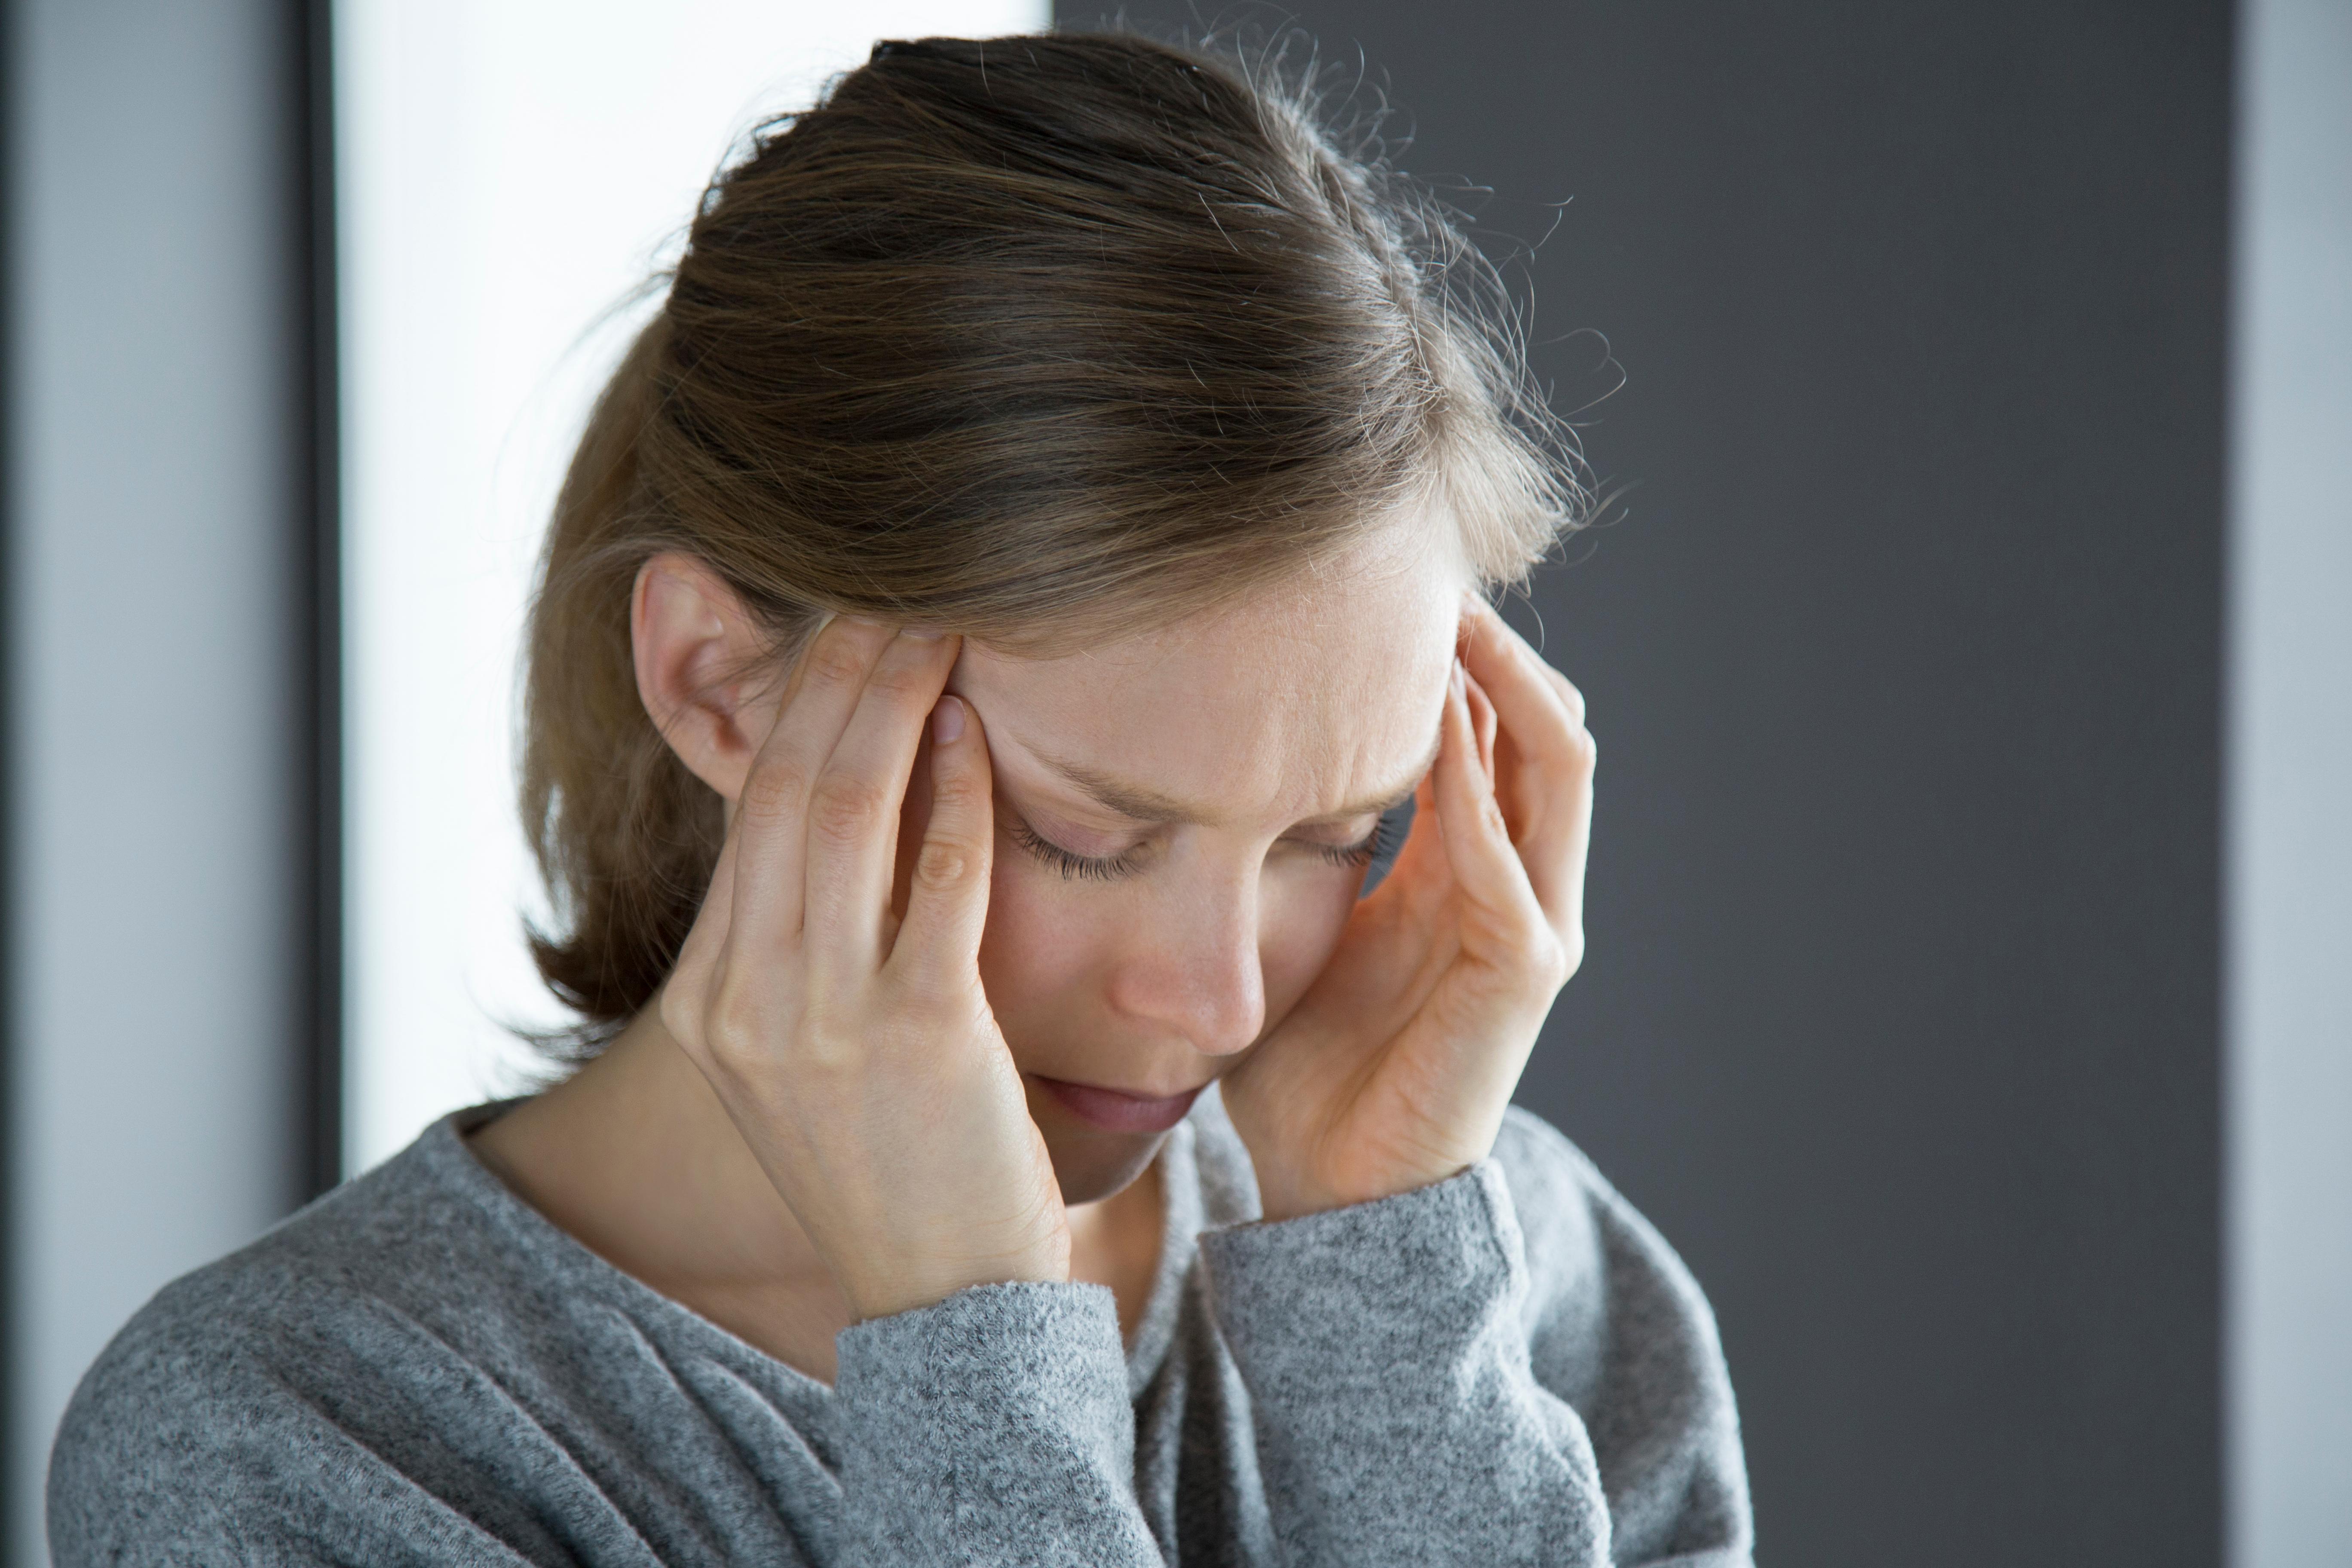 Sprängande huvudvärk? Här kan du göra ett migräntest och se hur svår migrän du har och hur du kan få hjälp.